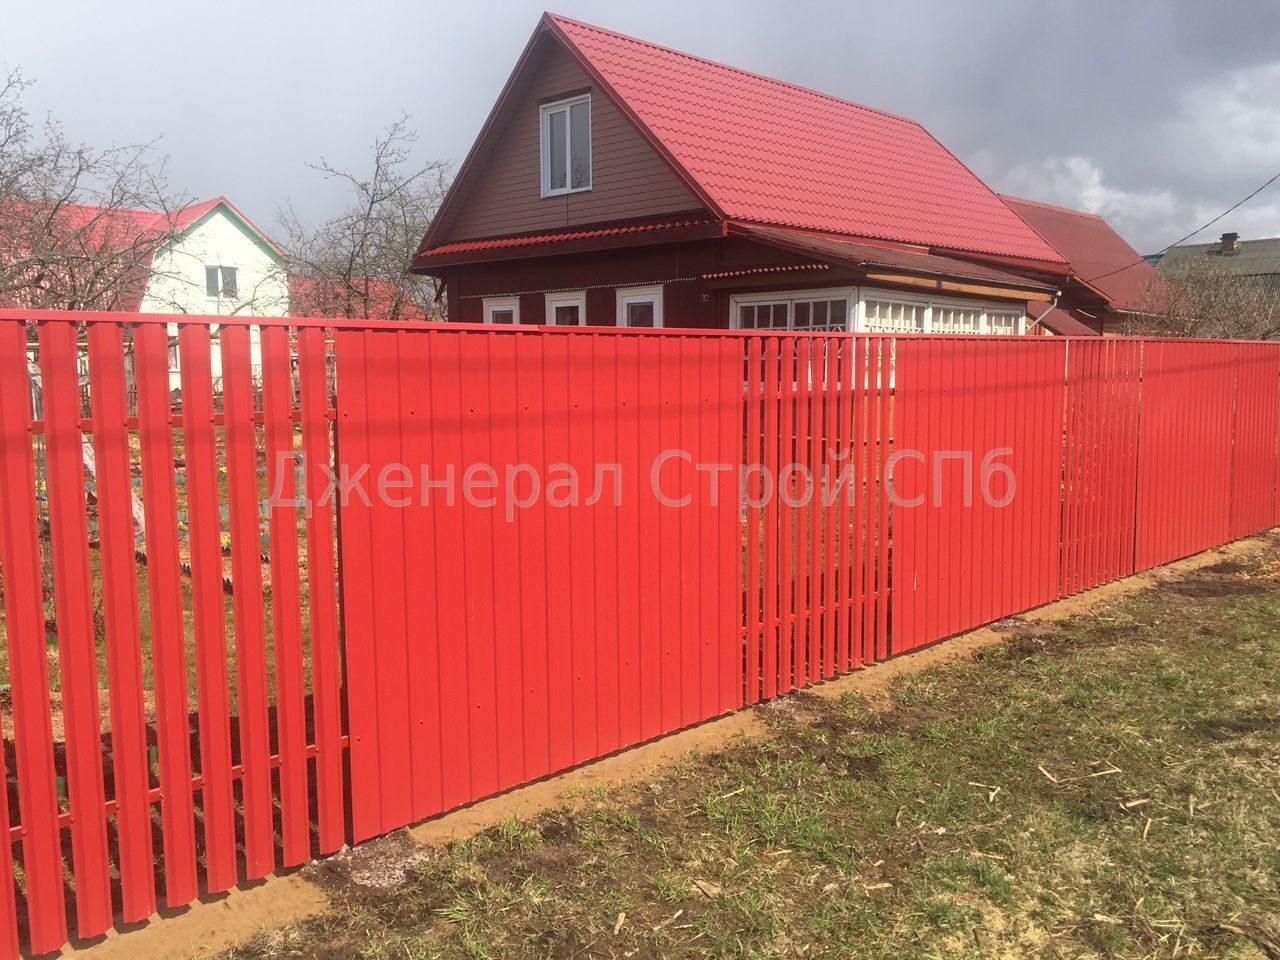 Сочетания цветов на забор фото